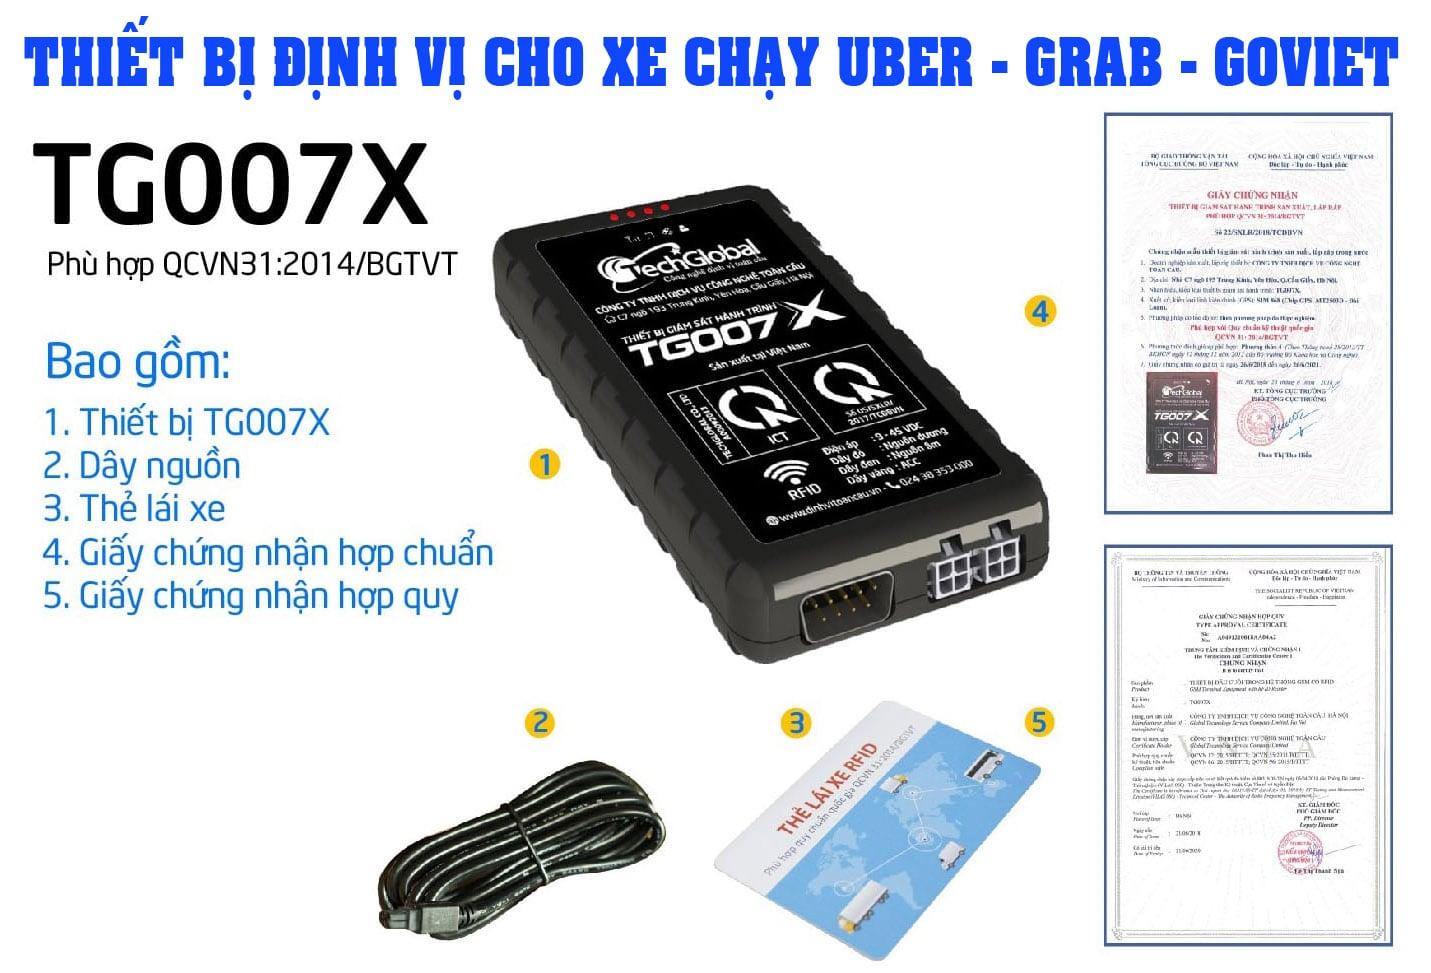 Lắp thiết bị định vị hợp chuẩn cho xe chạy uber - grab tg007x